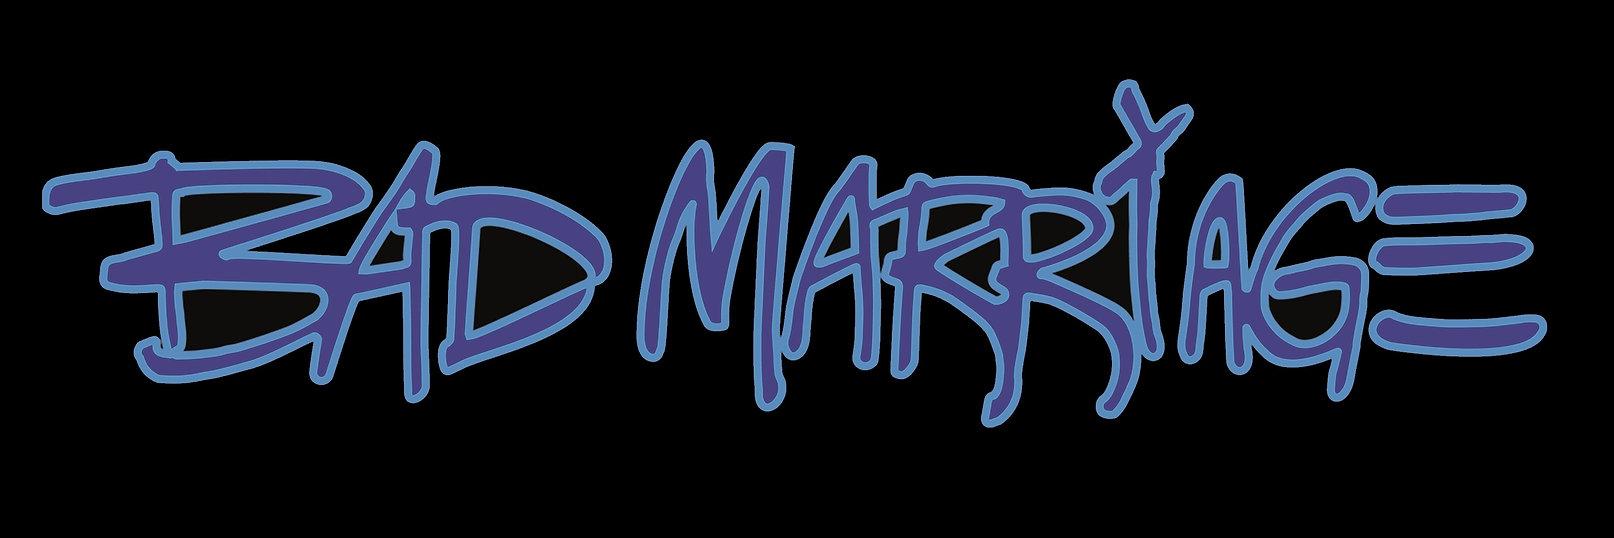 hi res blue logo.jpg